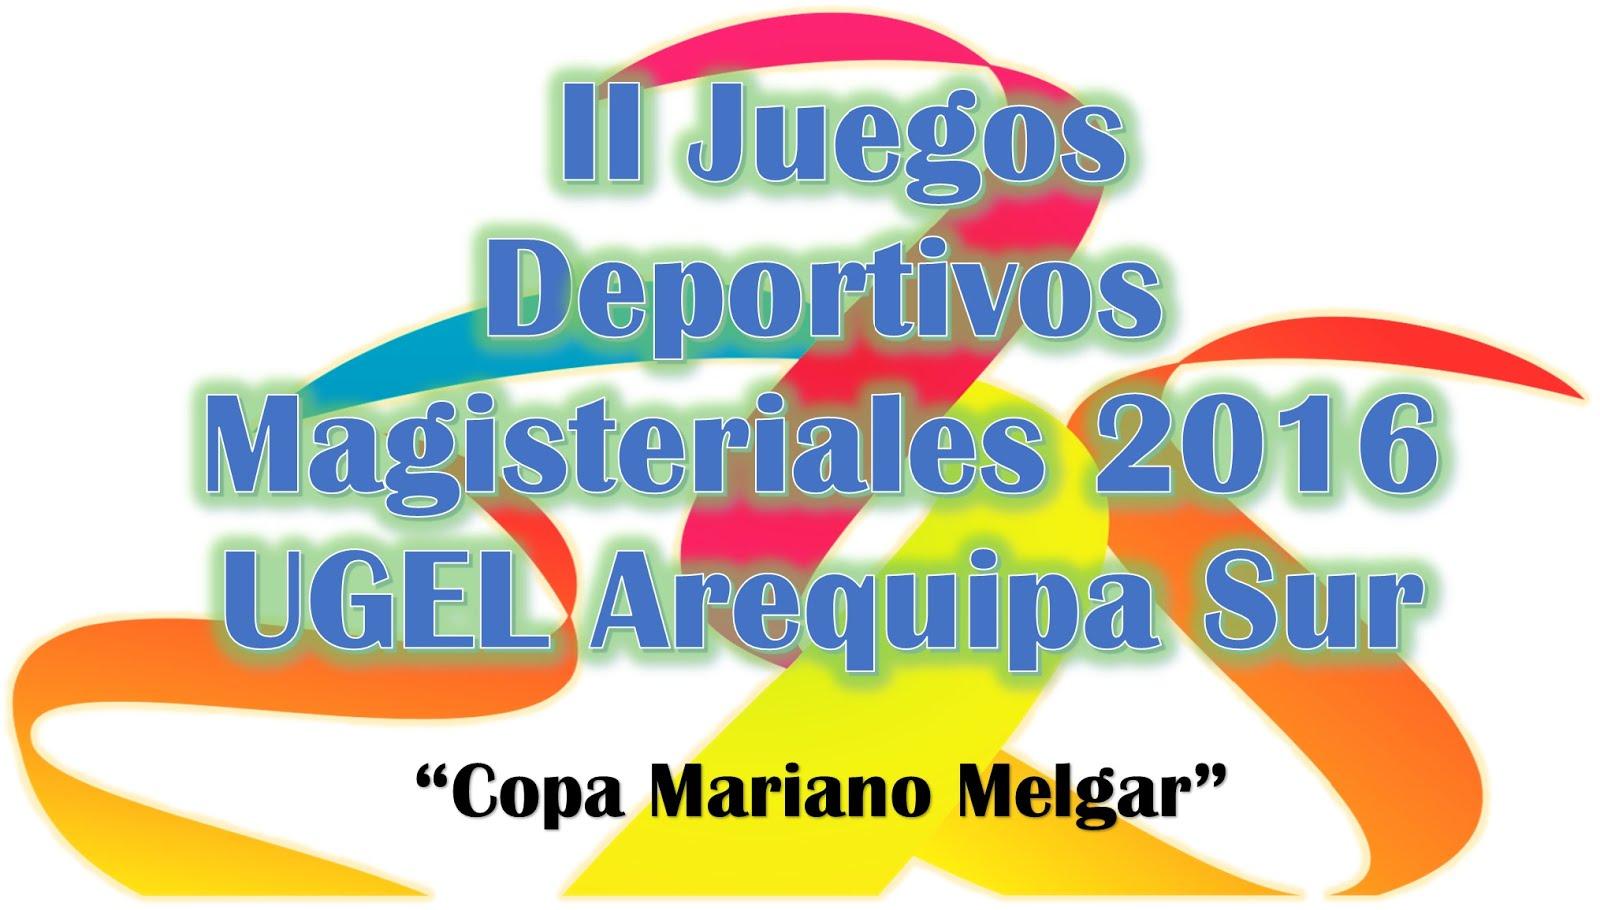 II JUEGOS DEPORTIVOS MAGISTERIALES 2016